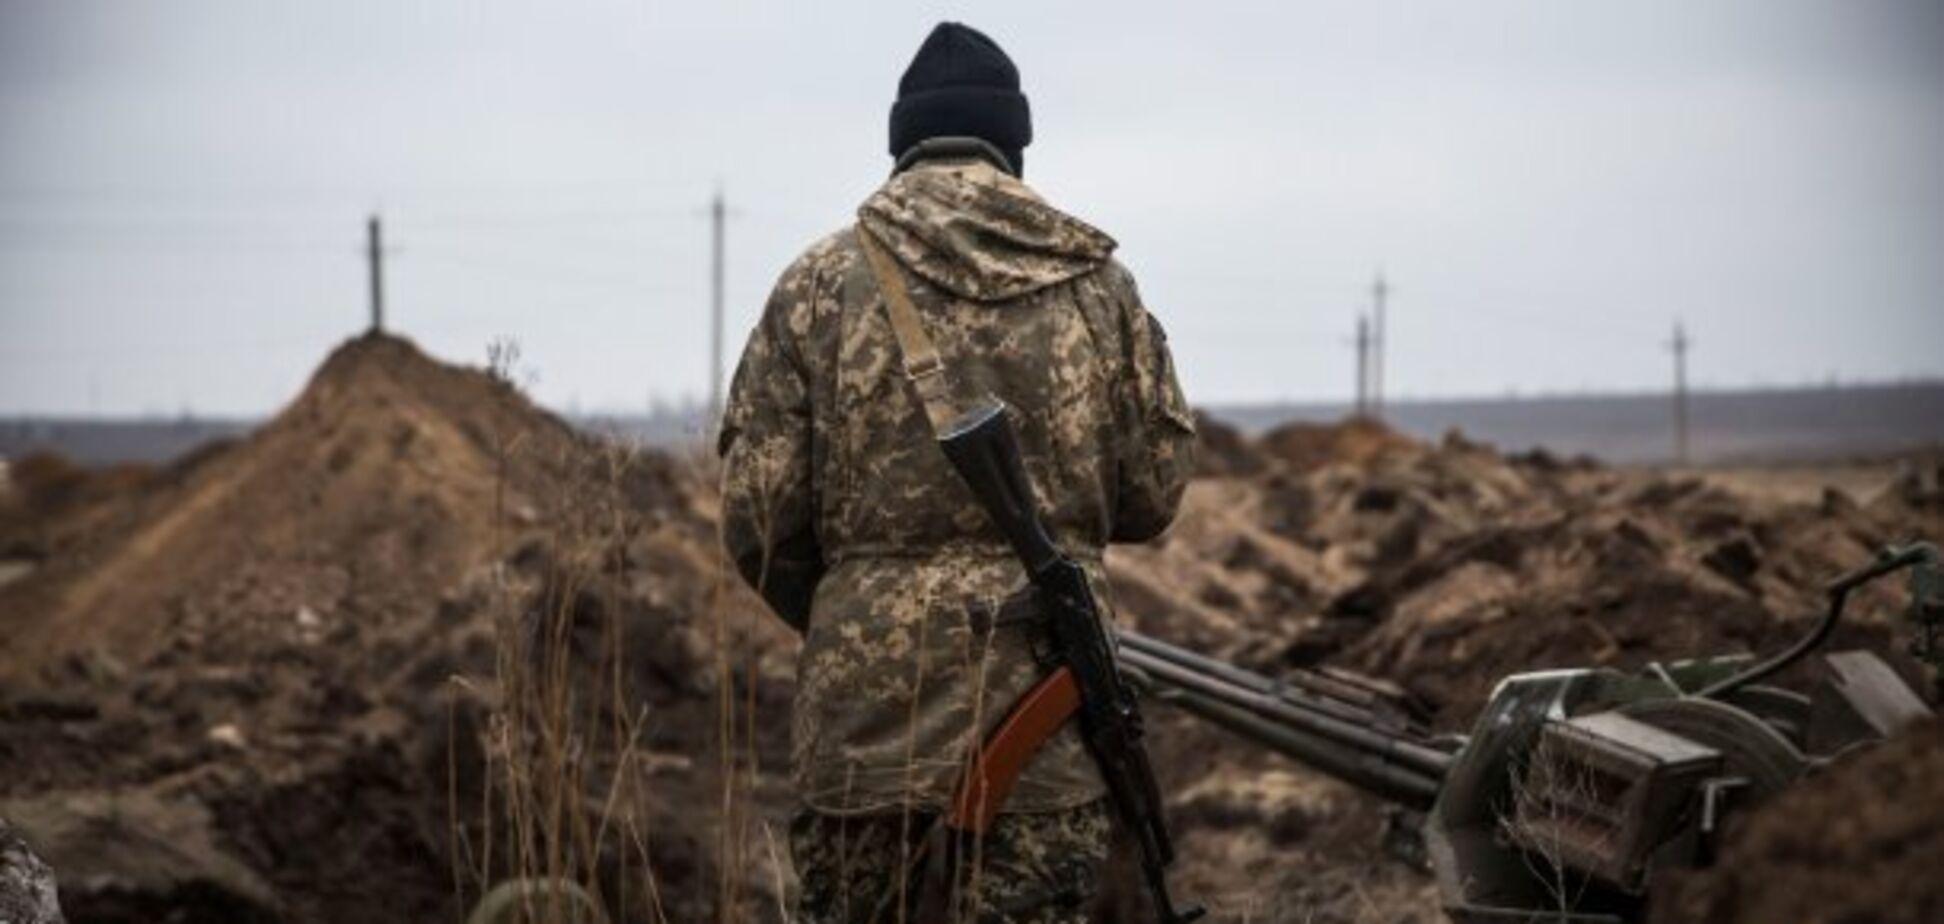 Лінія фронту посунулась з-під Карпат аж на Донбас